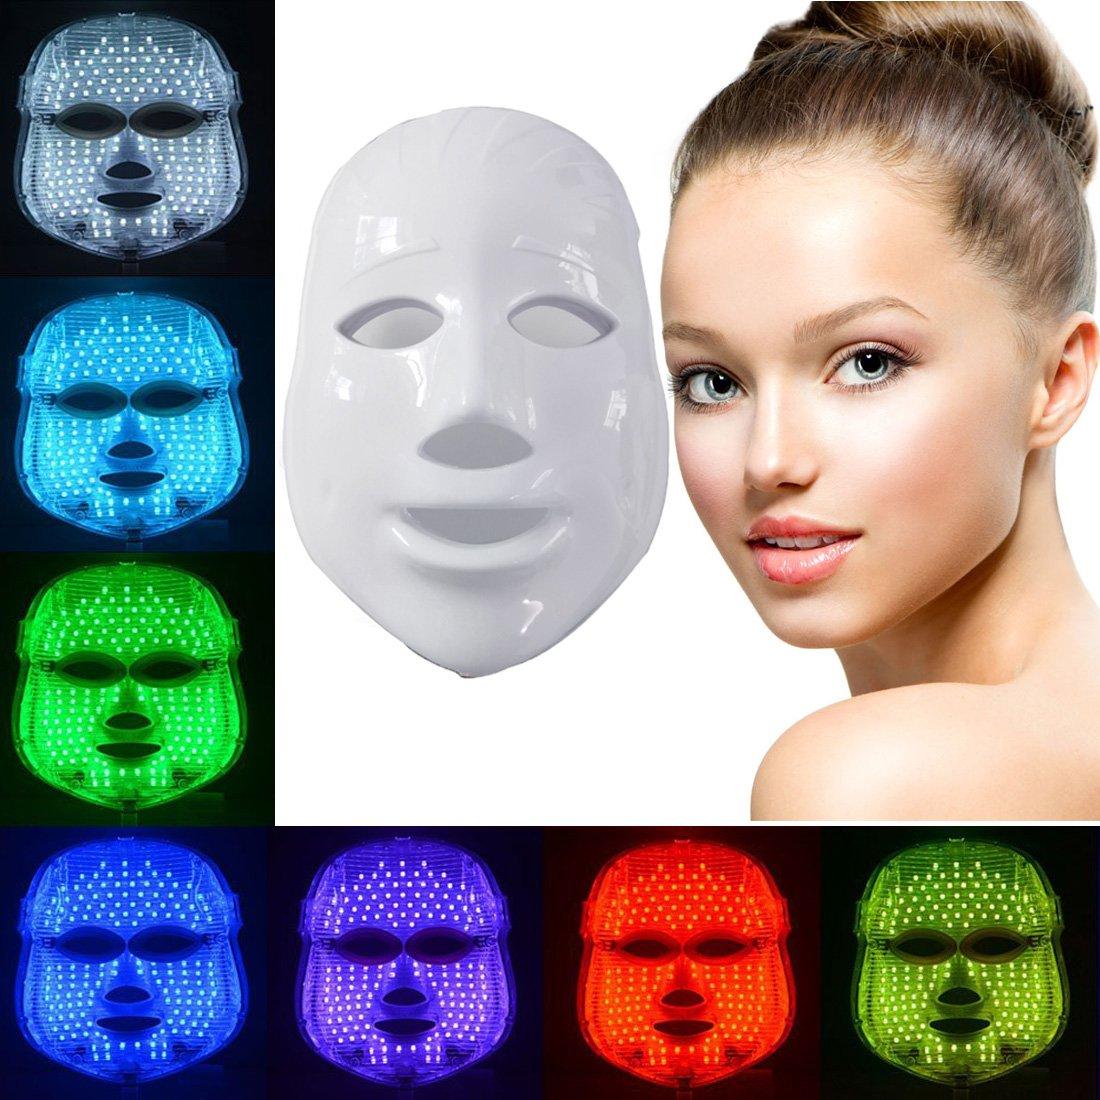 Marcas de Mascara facial con luces led